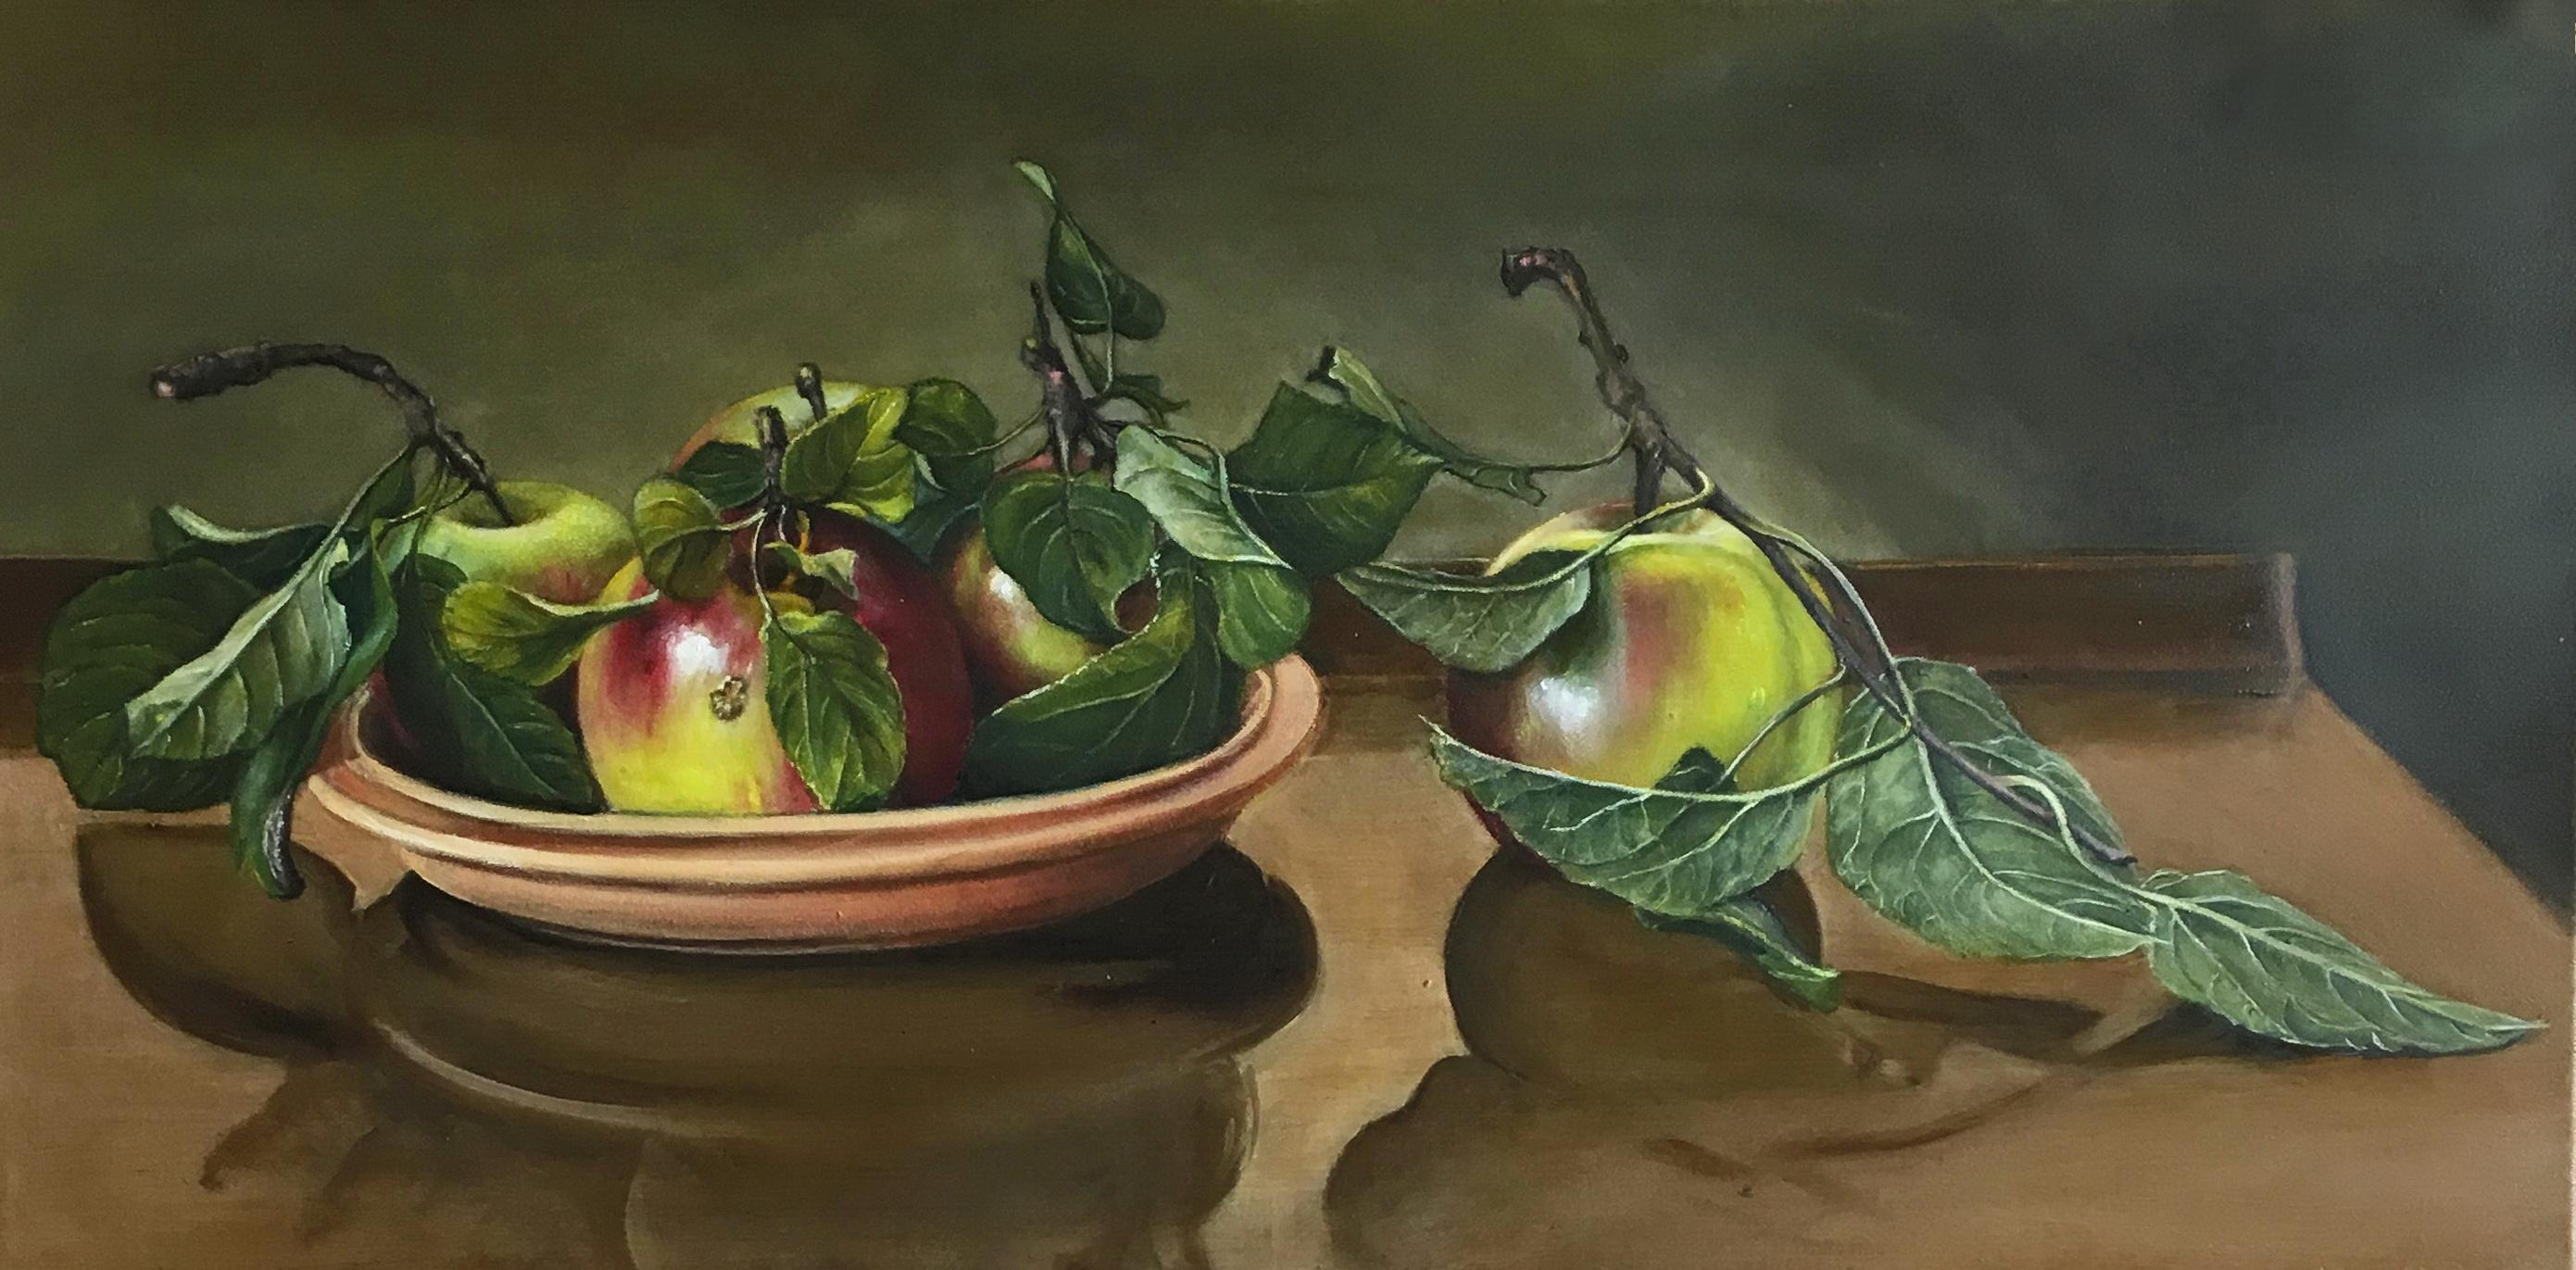 Wczesne jabłka